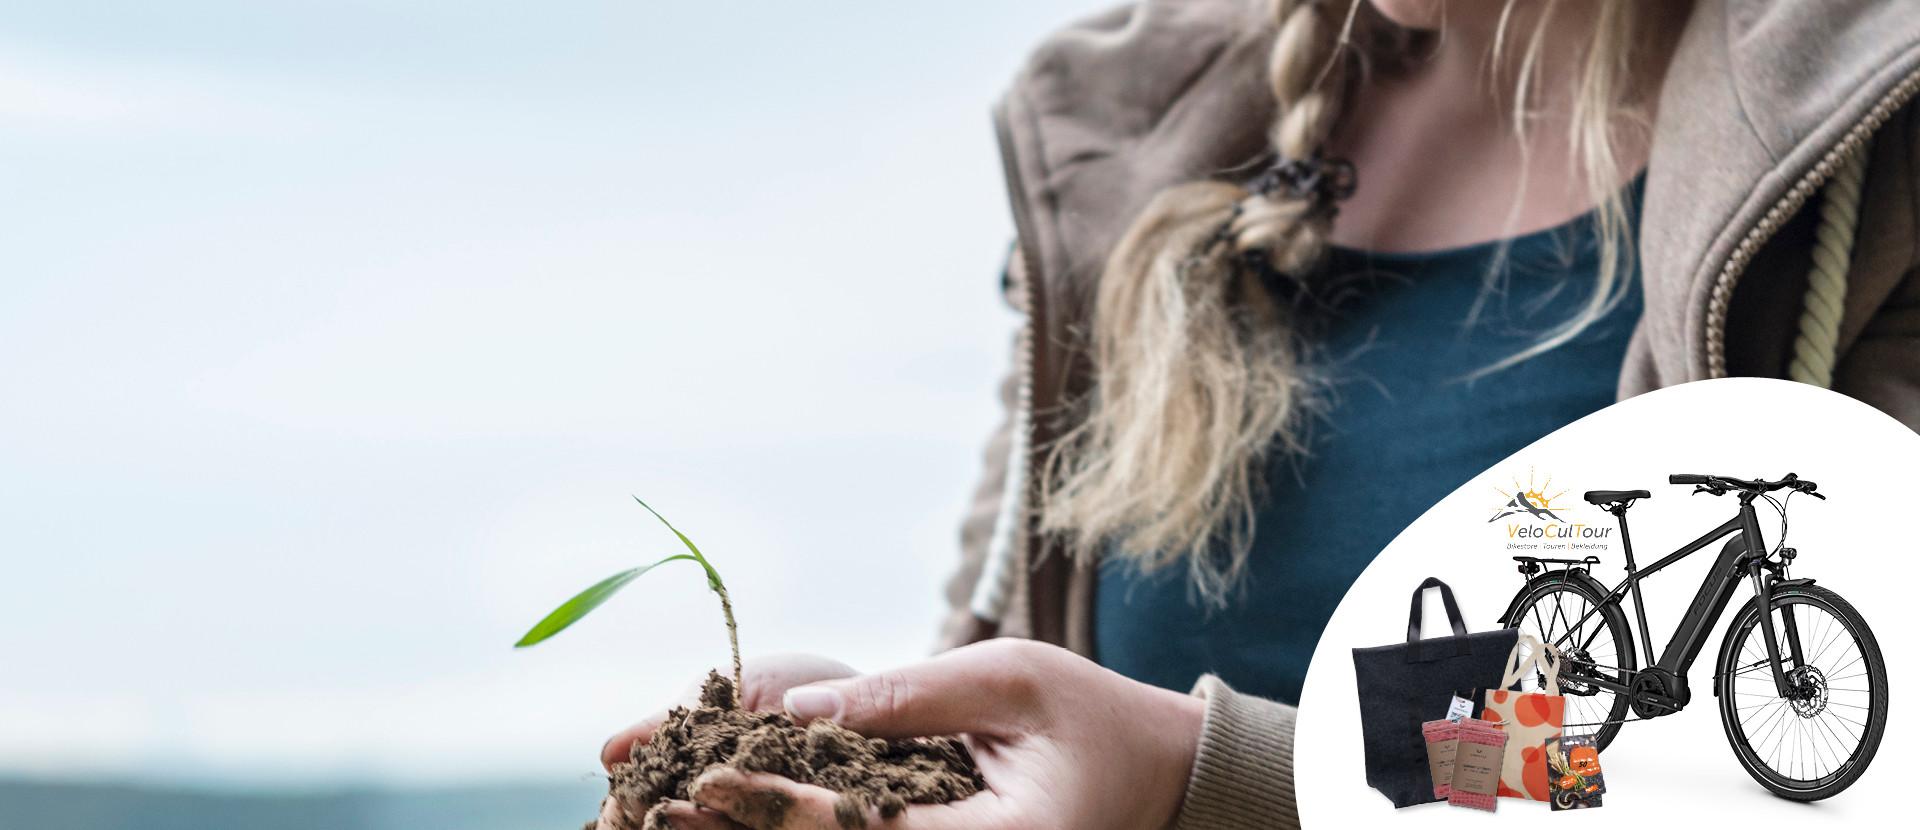 Frau mit Pflanze in den Händen und Gewinne des Nachhaltigkeits-Gewinnspiel: E-Bike und Taschen